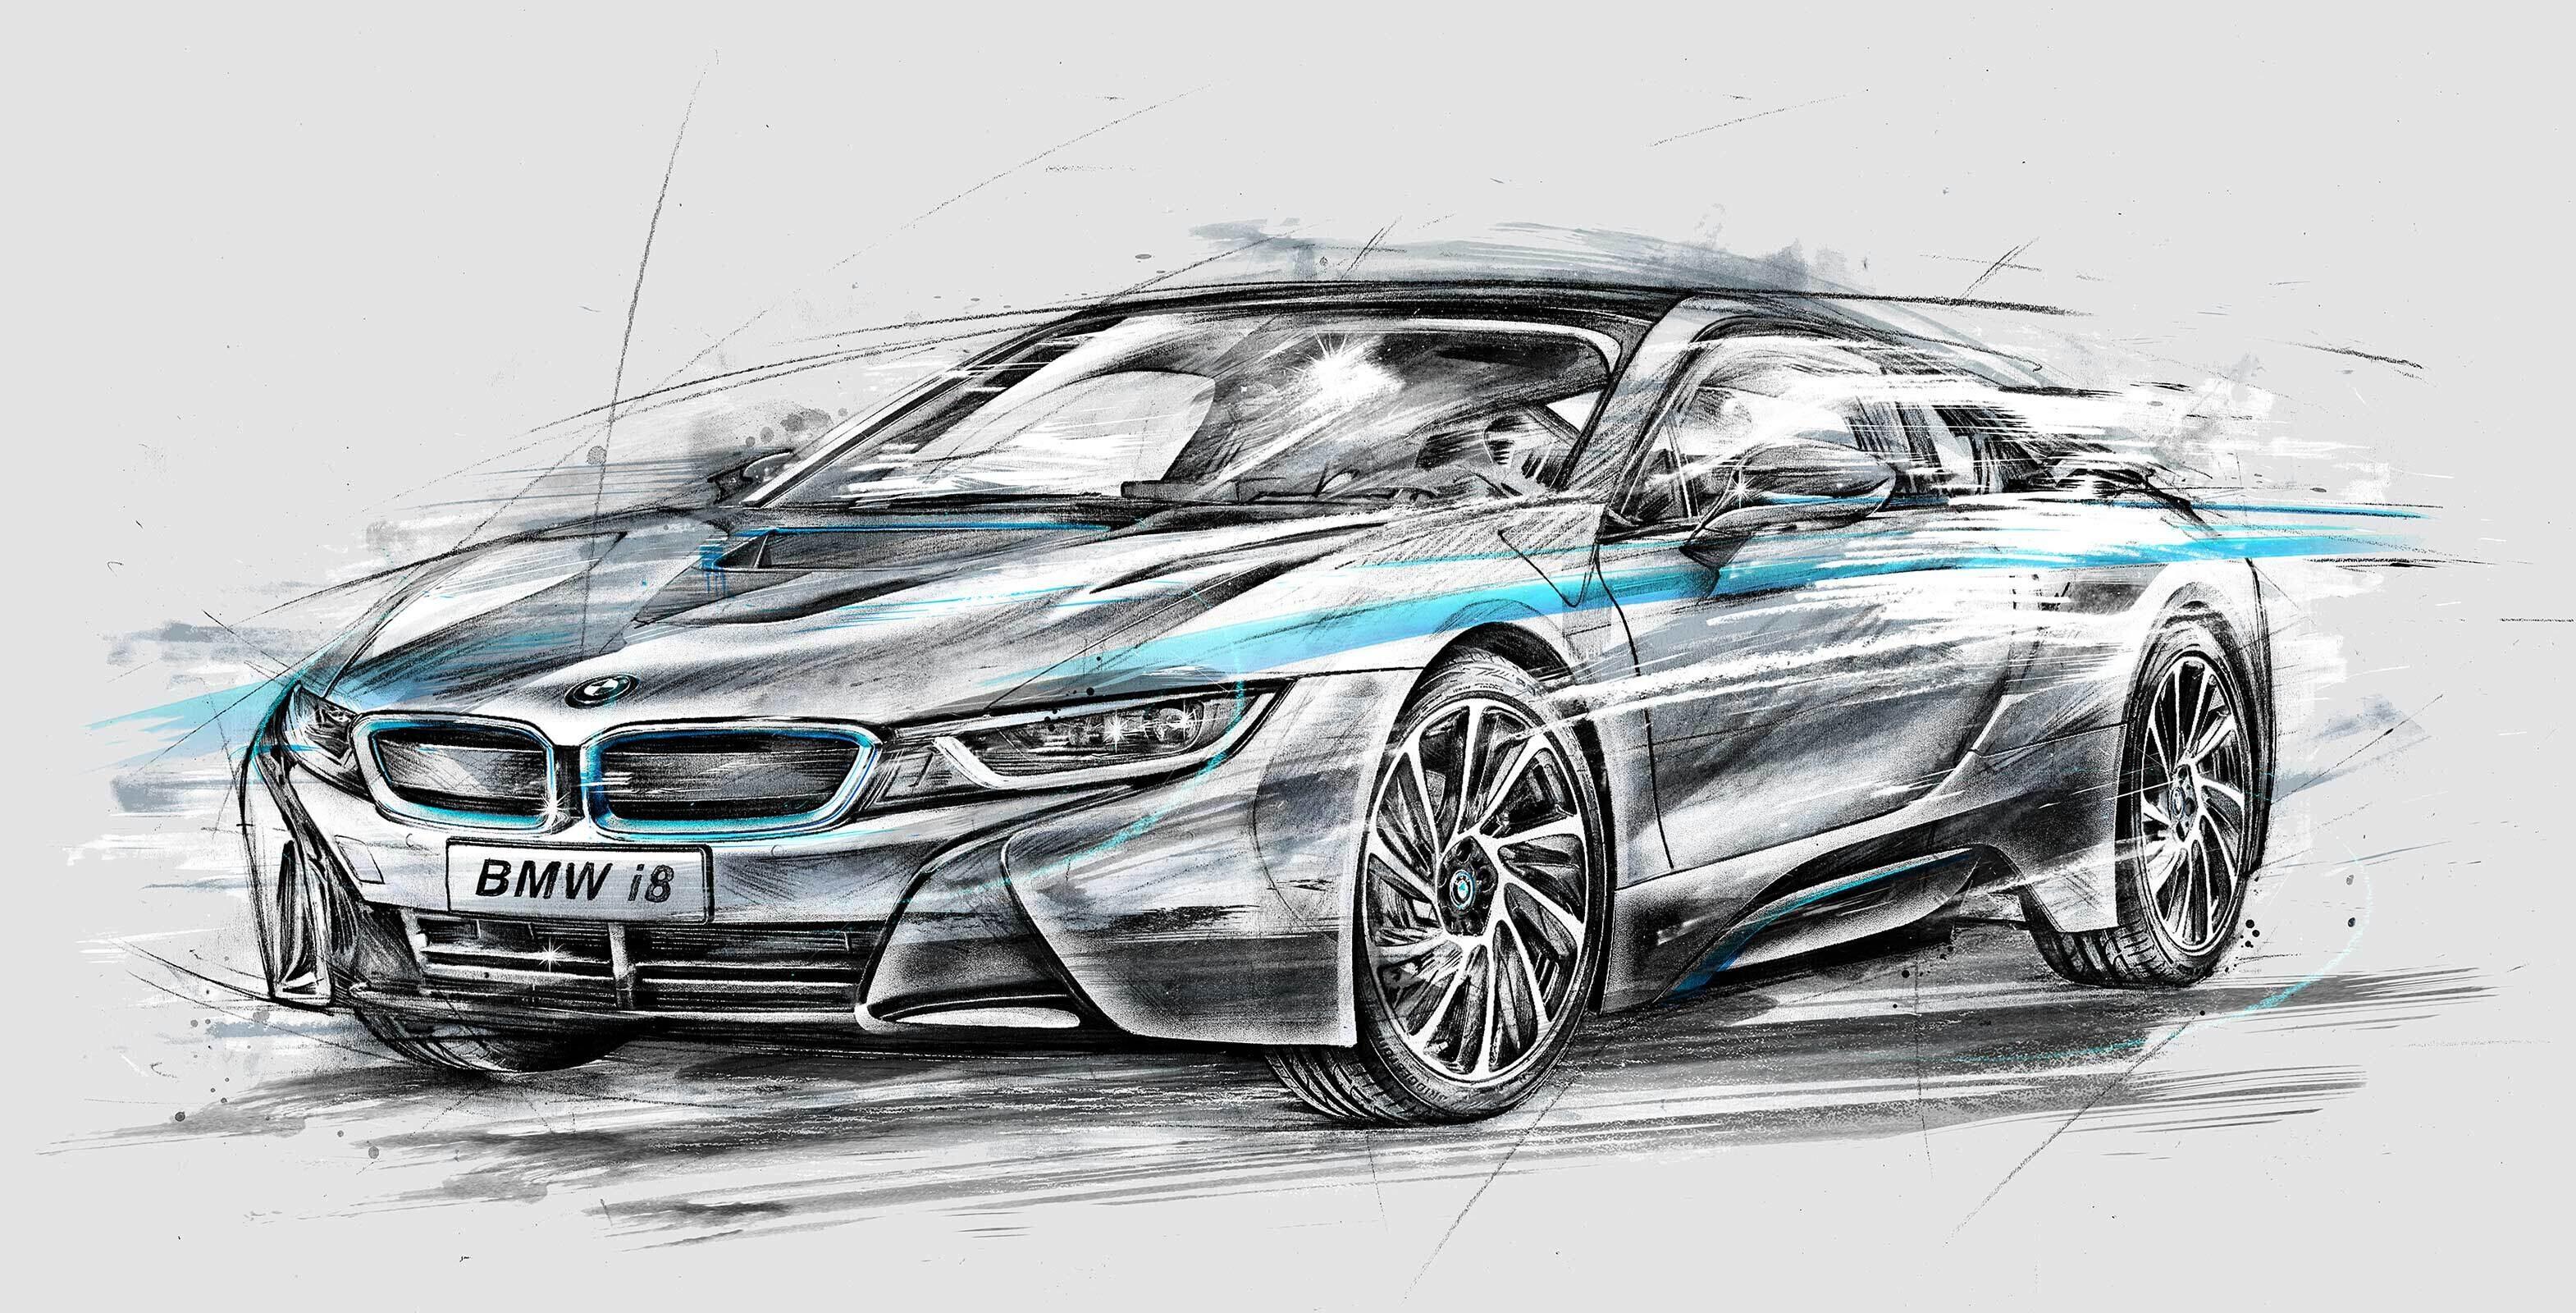 BMW i8 RGB car design illustration sketch concept drawing - Kornel Illustration | Kornel Stadler portfolio